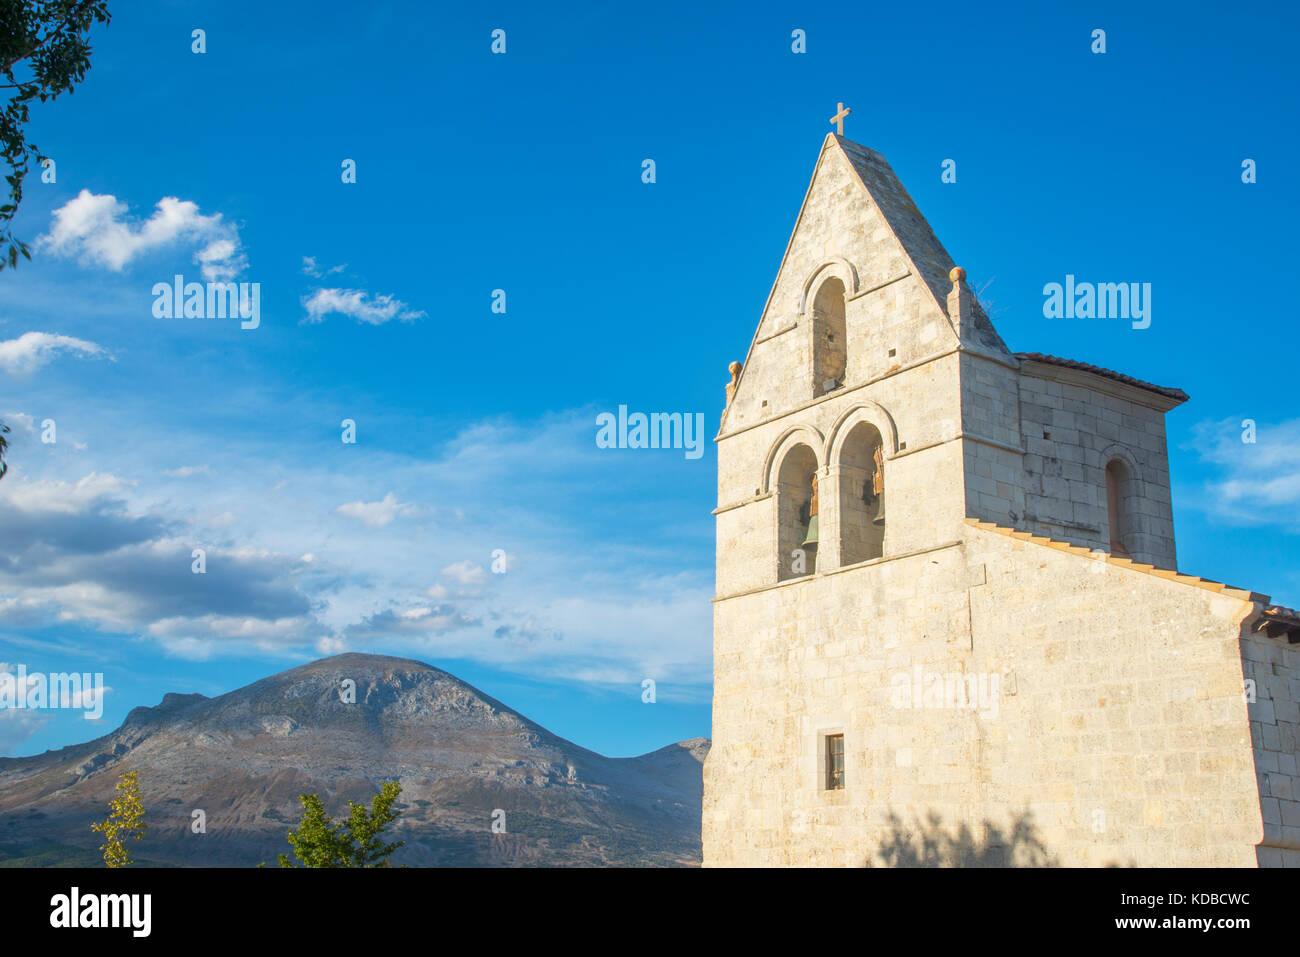 Steeple of the church and view of Peña Redonda. Pison de Castrejon, Palencia province, Castilla Leon, Spain. - Stock Image